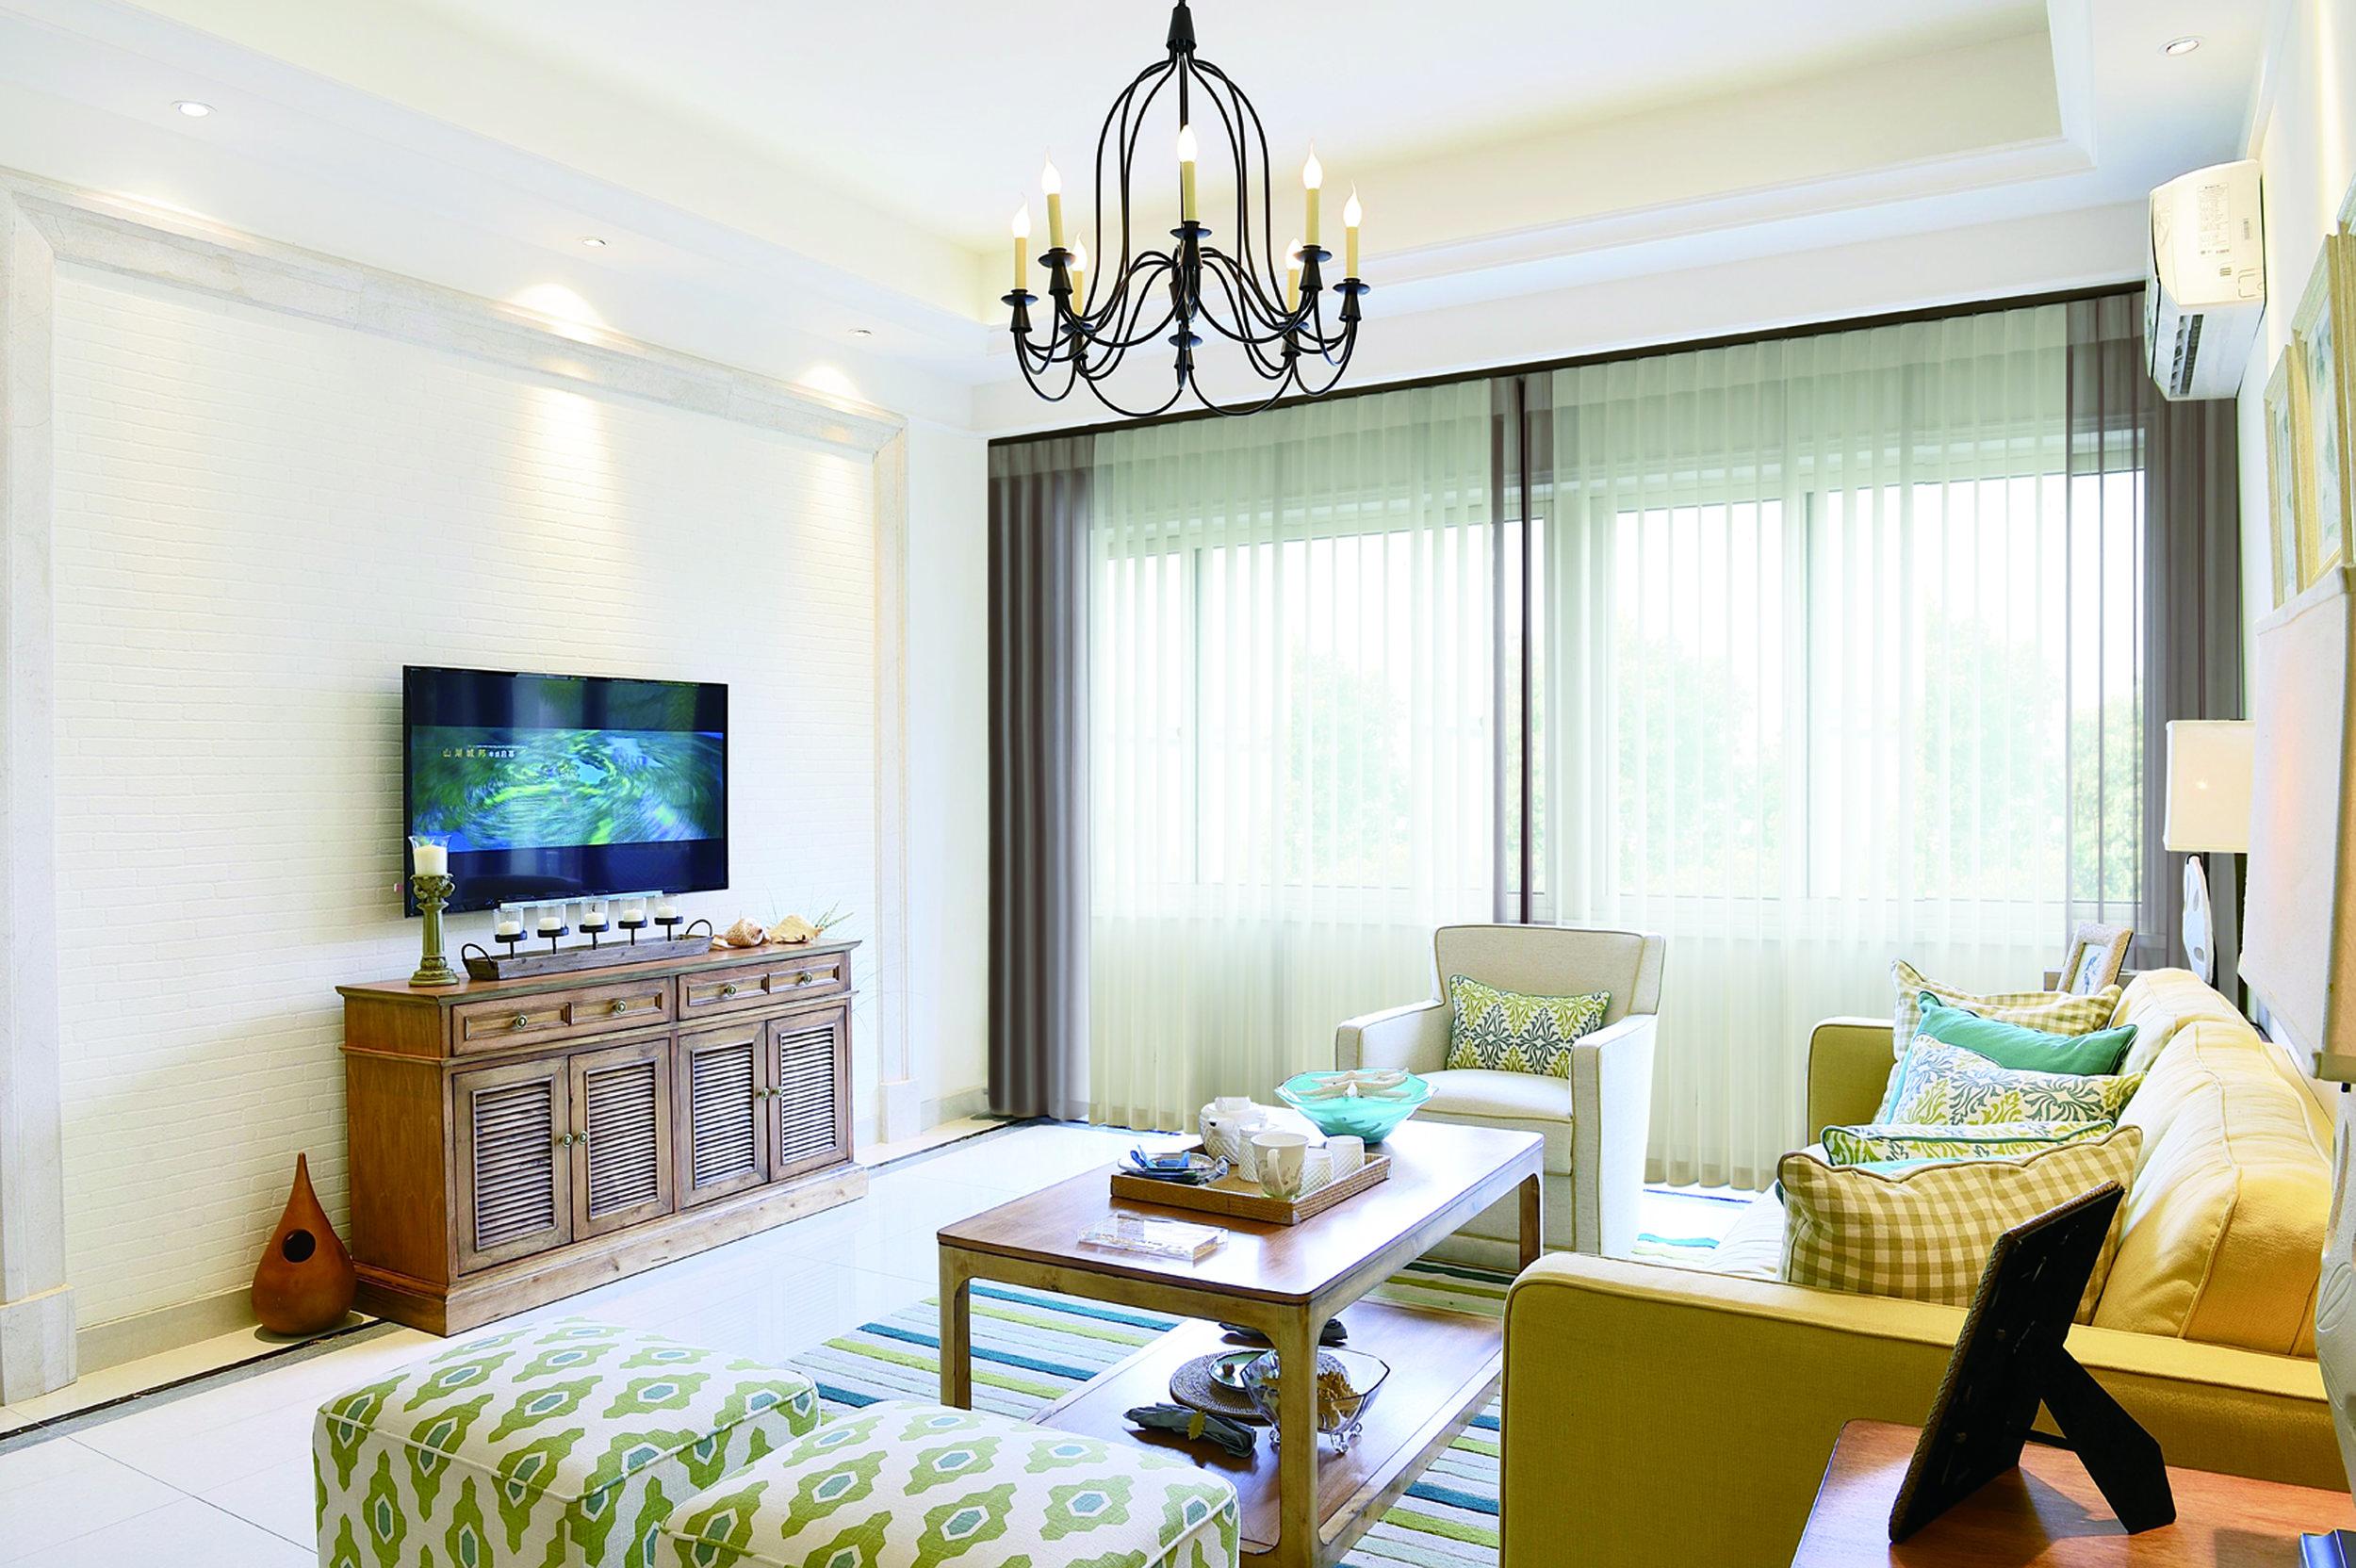 calgary vertical blinds - living room